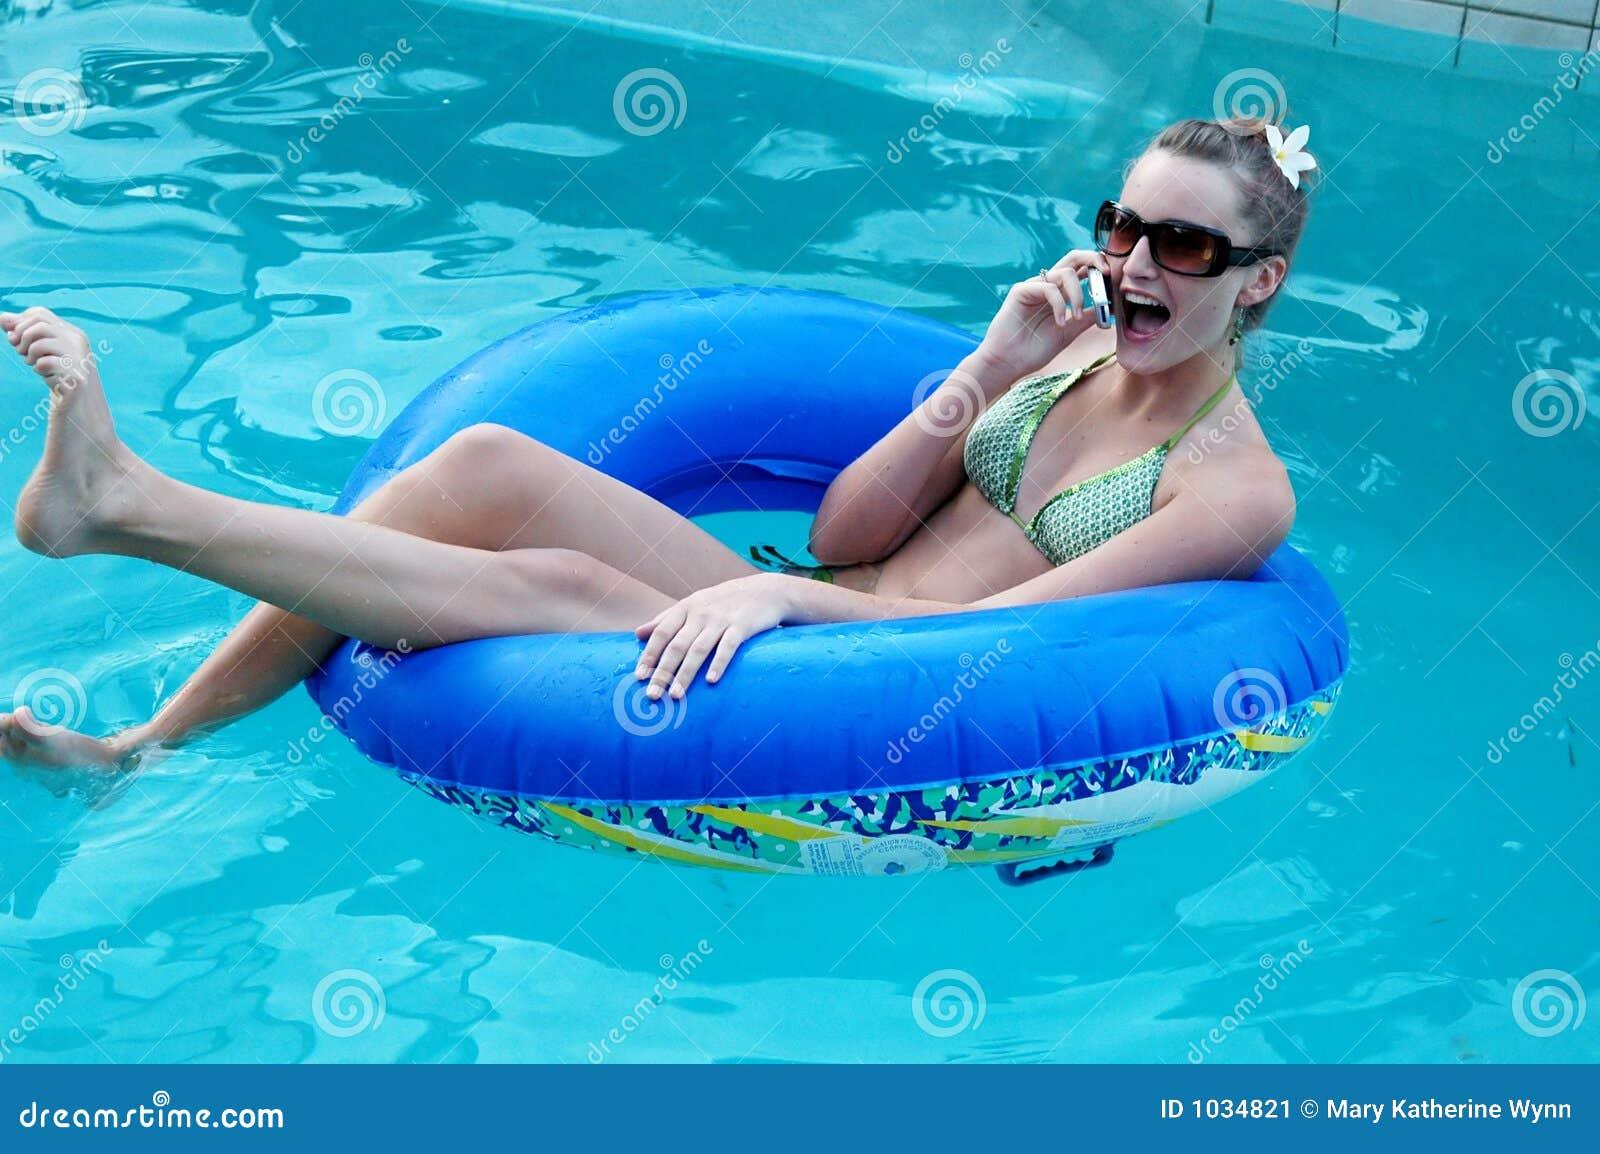 Fun pool chat